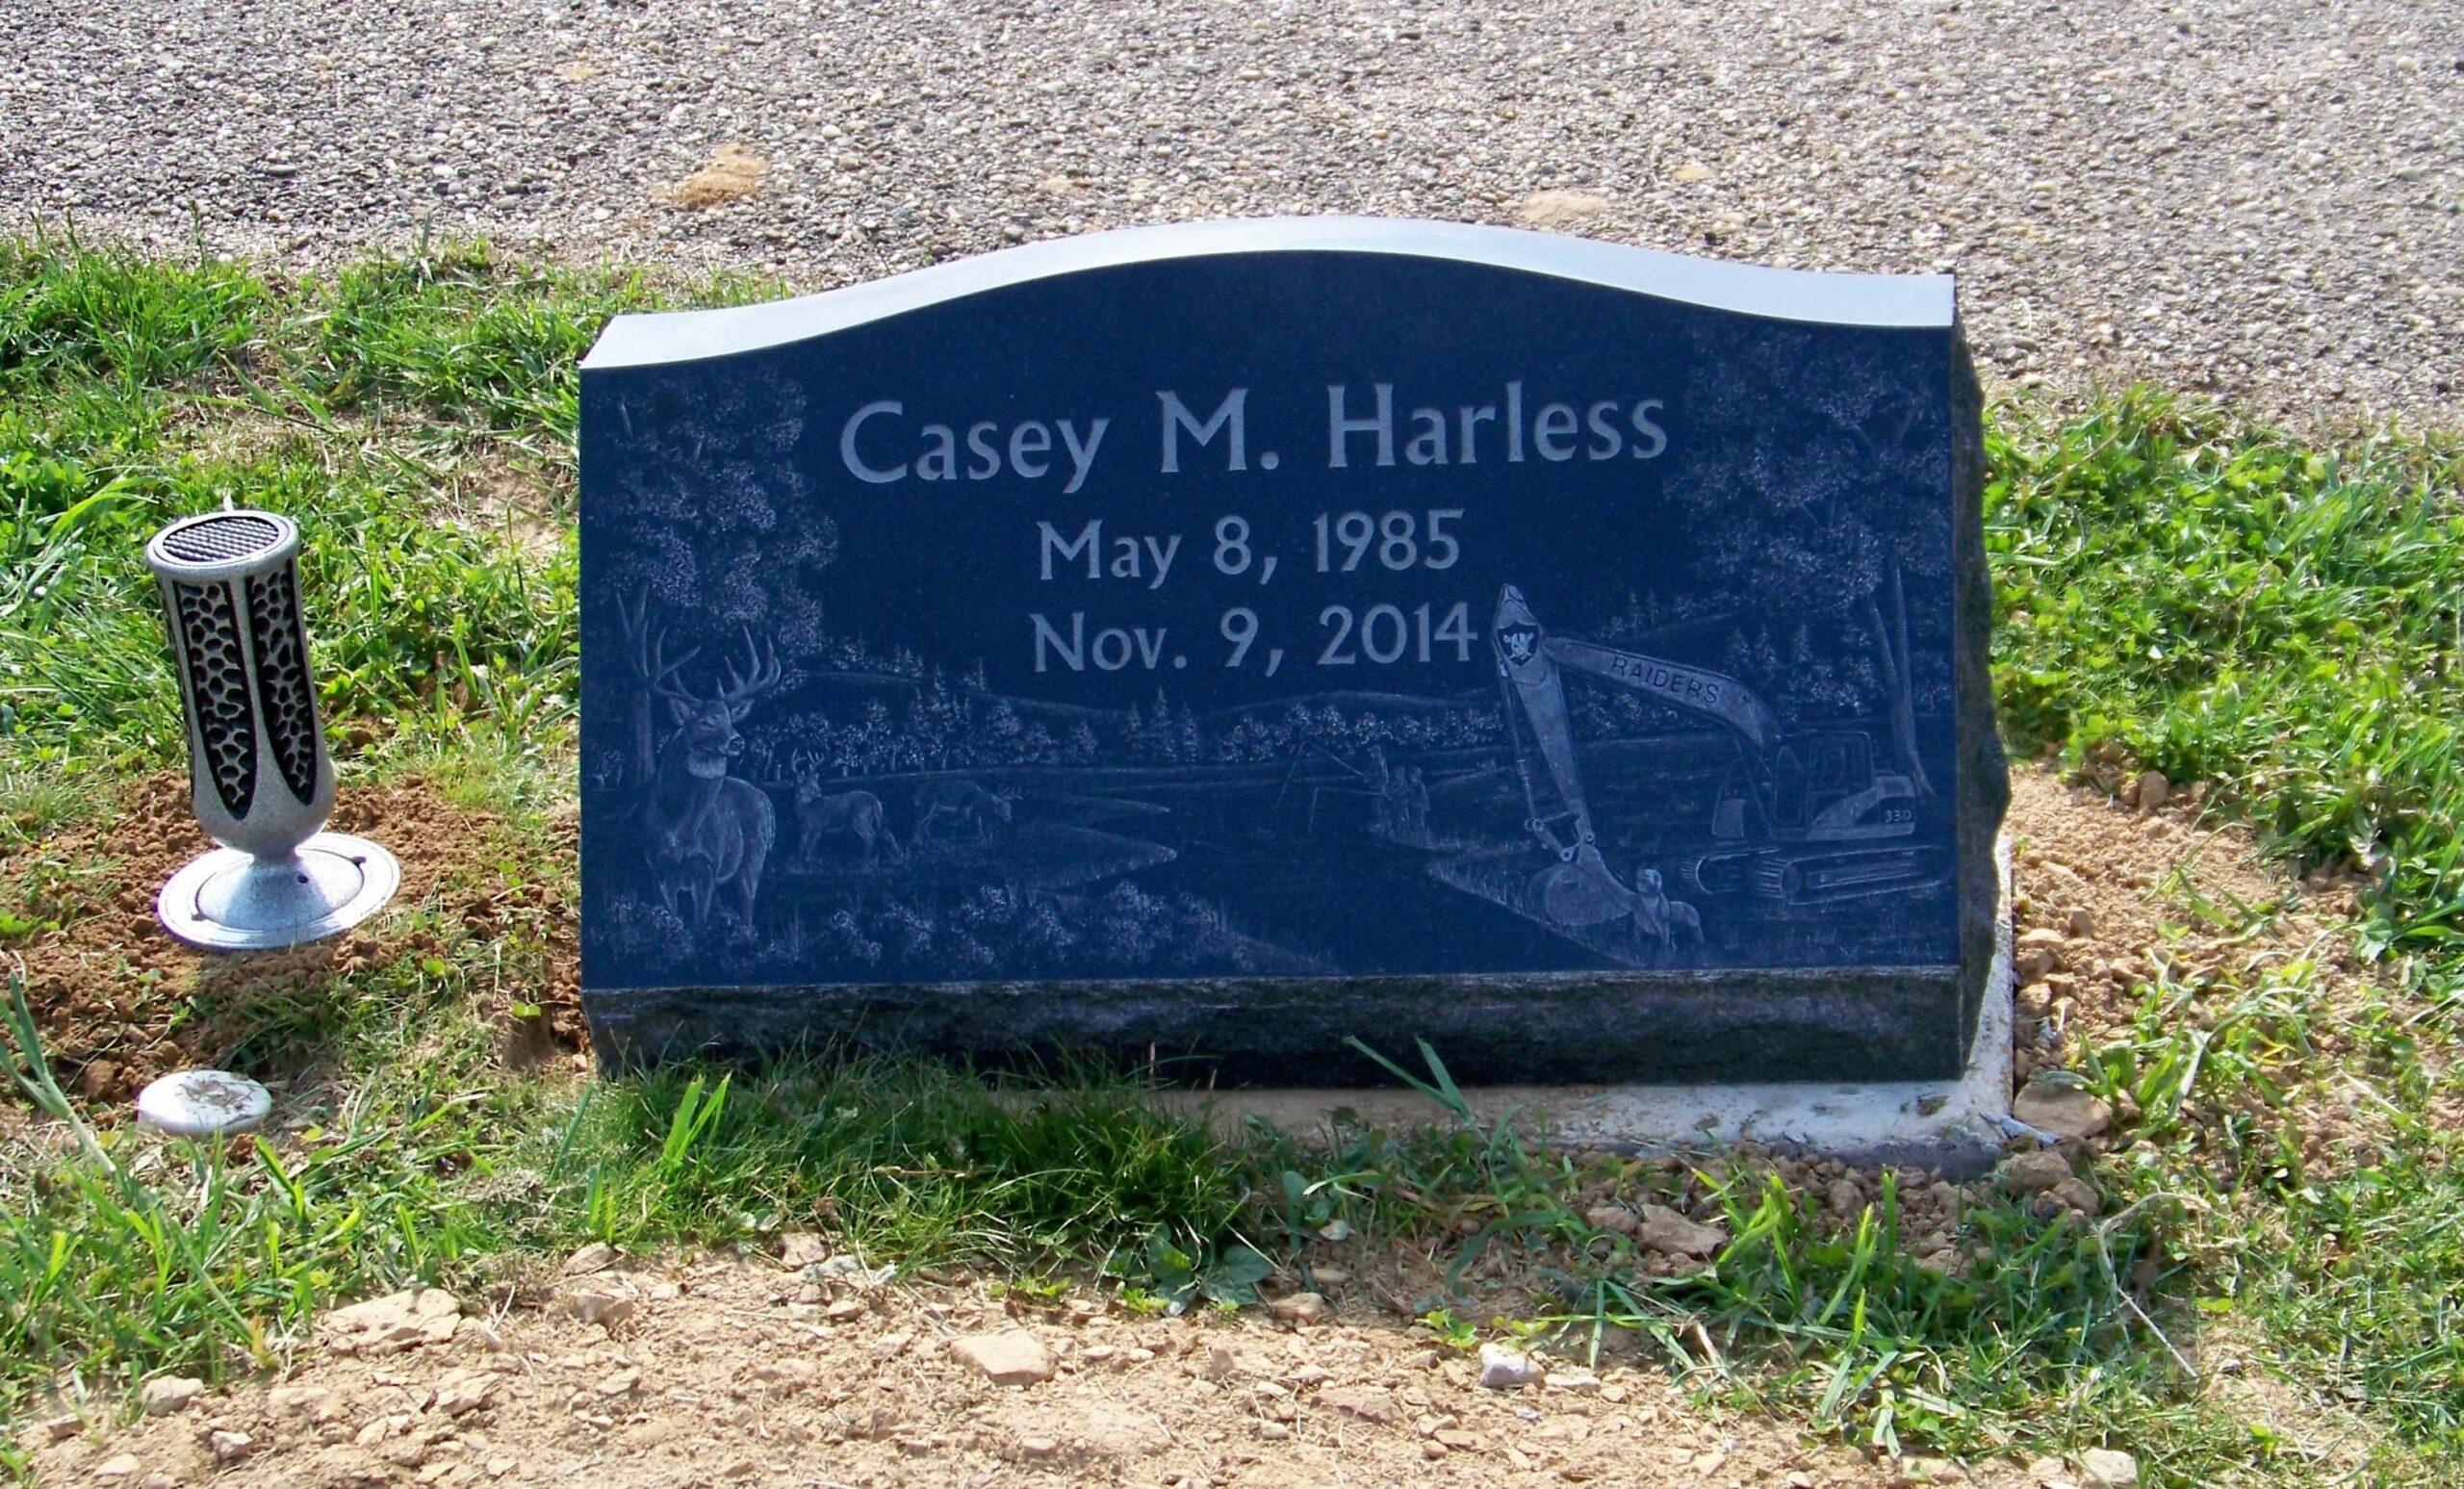 Harless, Casey M - Center Cemetery